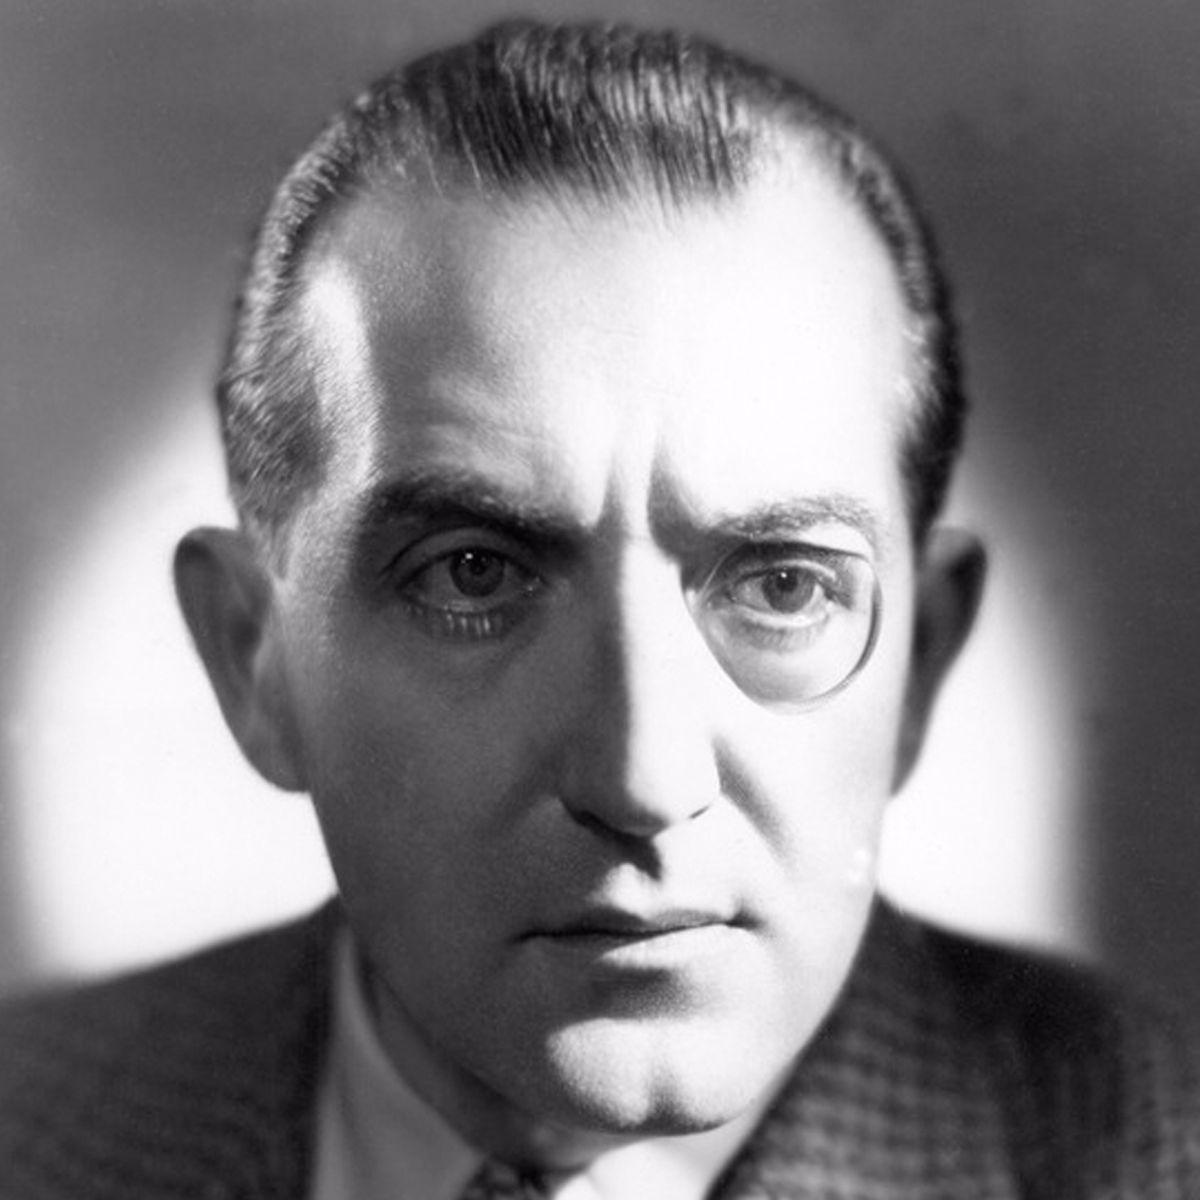 Fritz Lang en Amérique : Le Filmographe  - Part 2